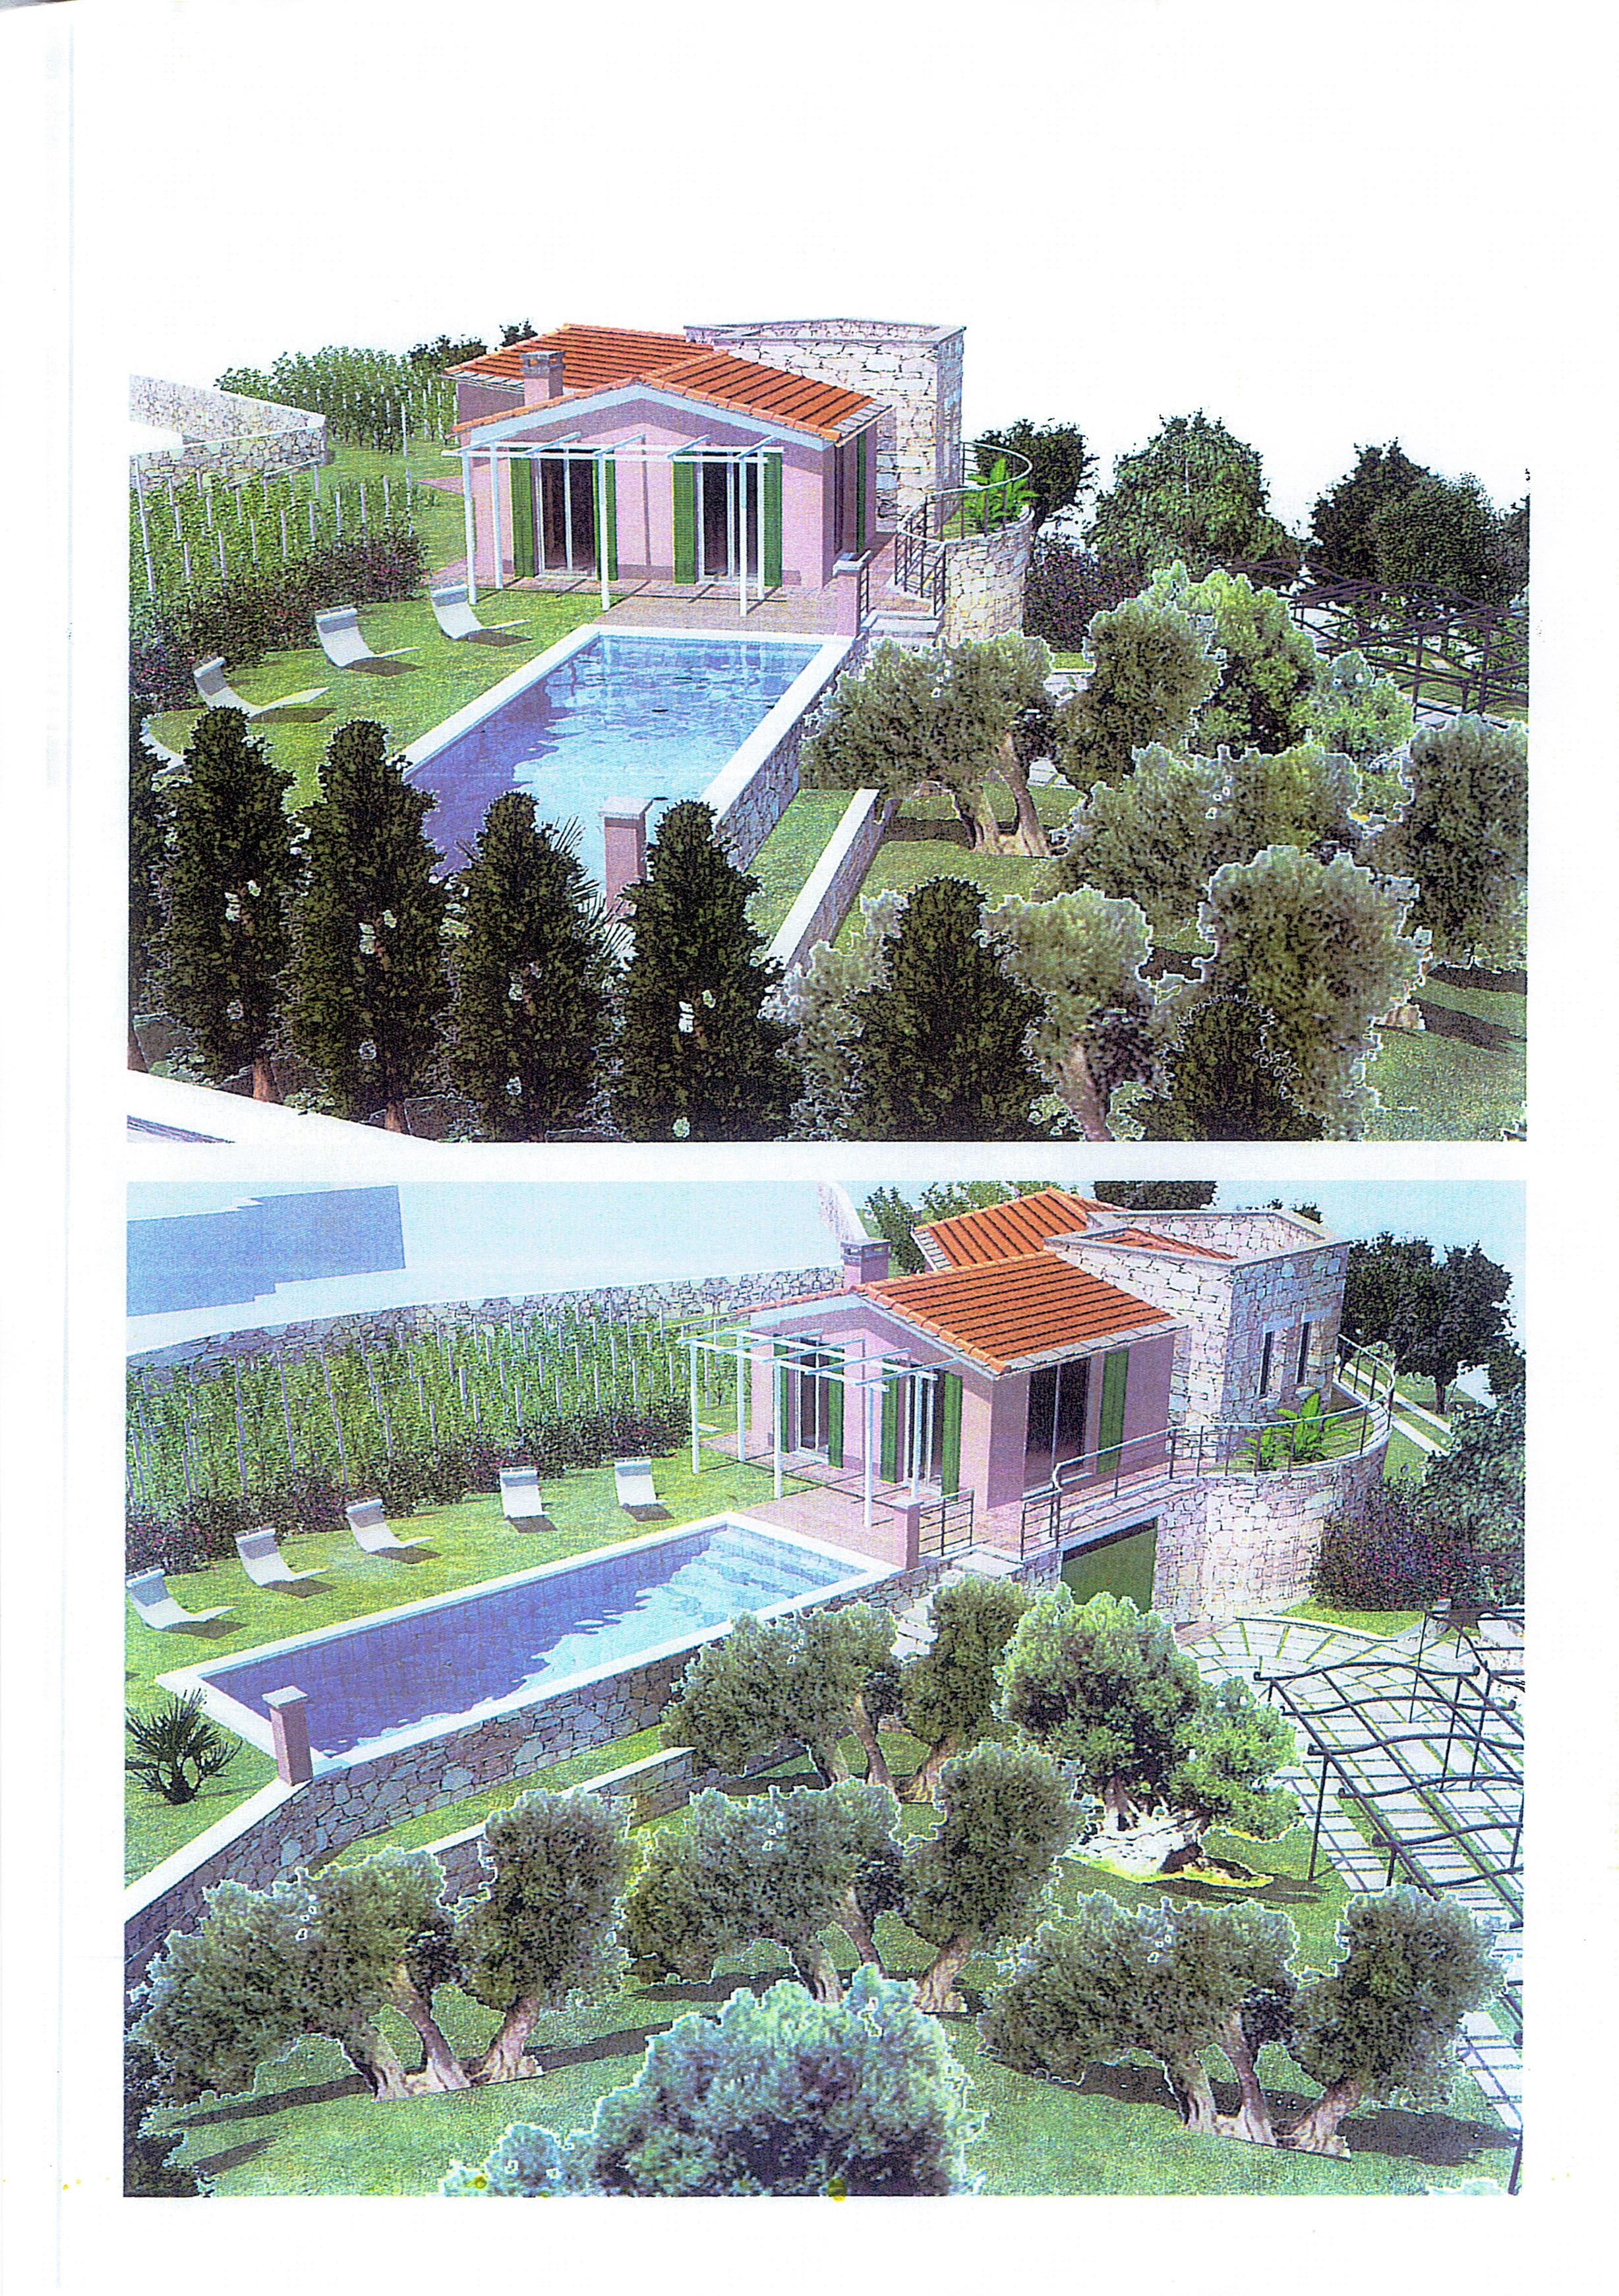 Terreno pianeggiante con cemento armato per villa unifamiliare